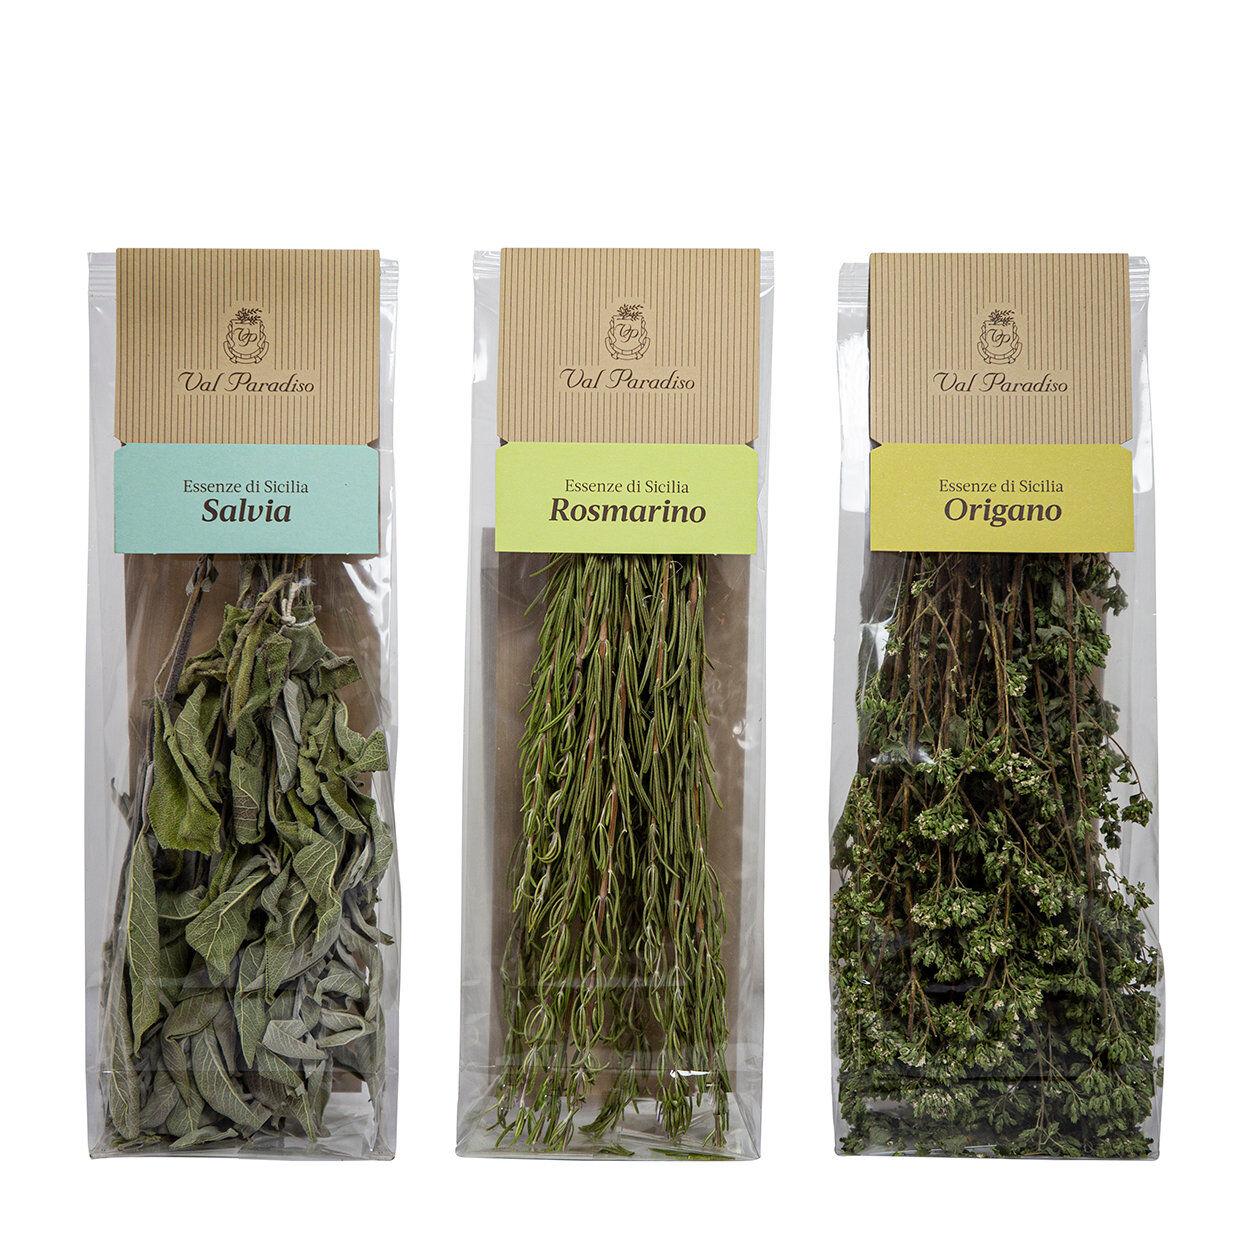 val paradiso 3 mazzetti misti 25 gr erbe aromatiche val paradiso: origano - salvia - rosmarino